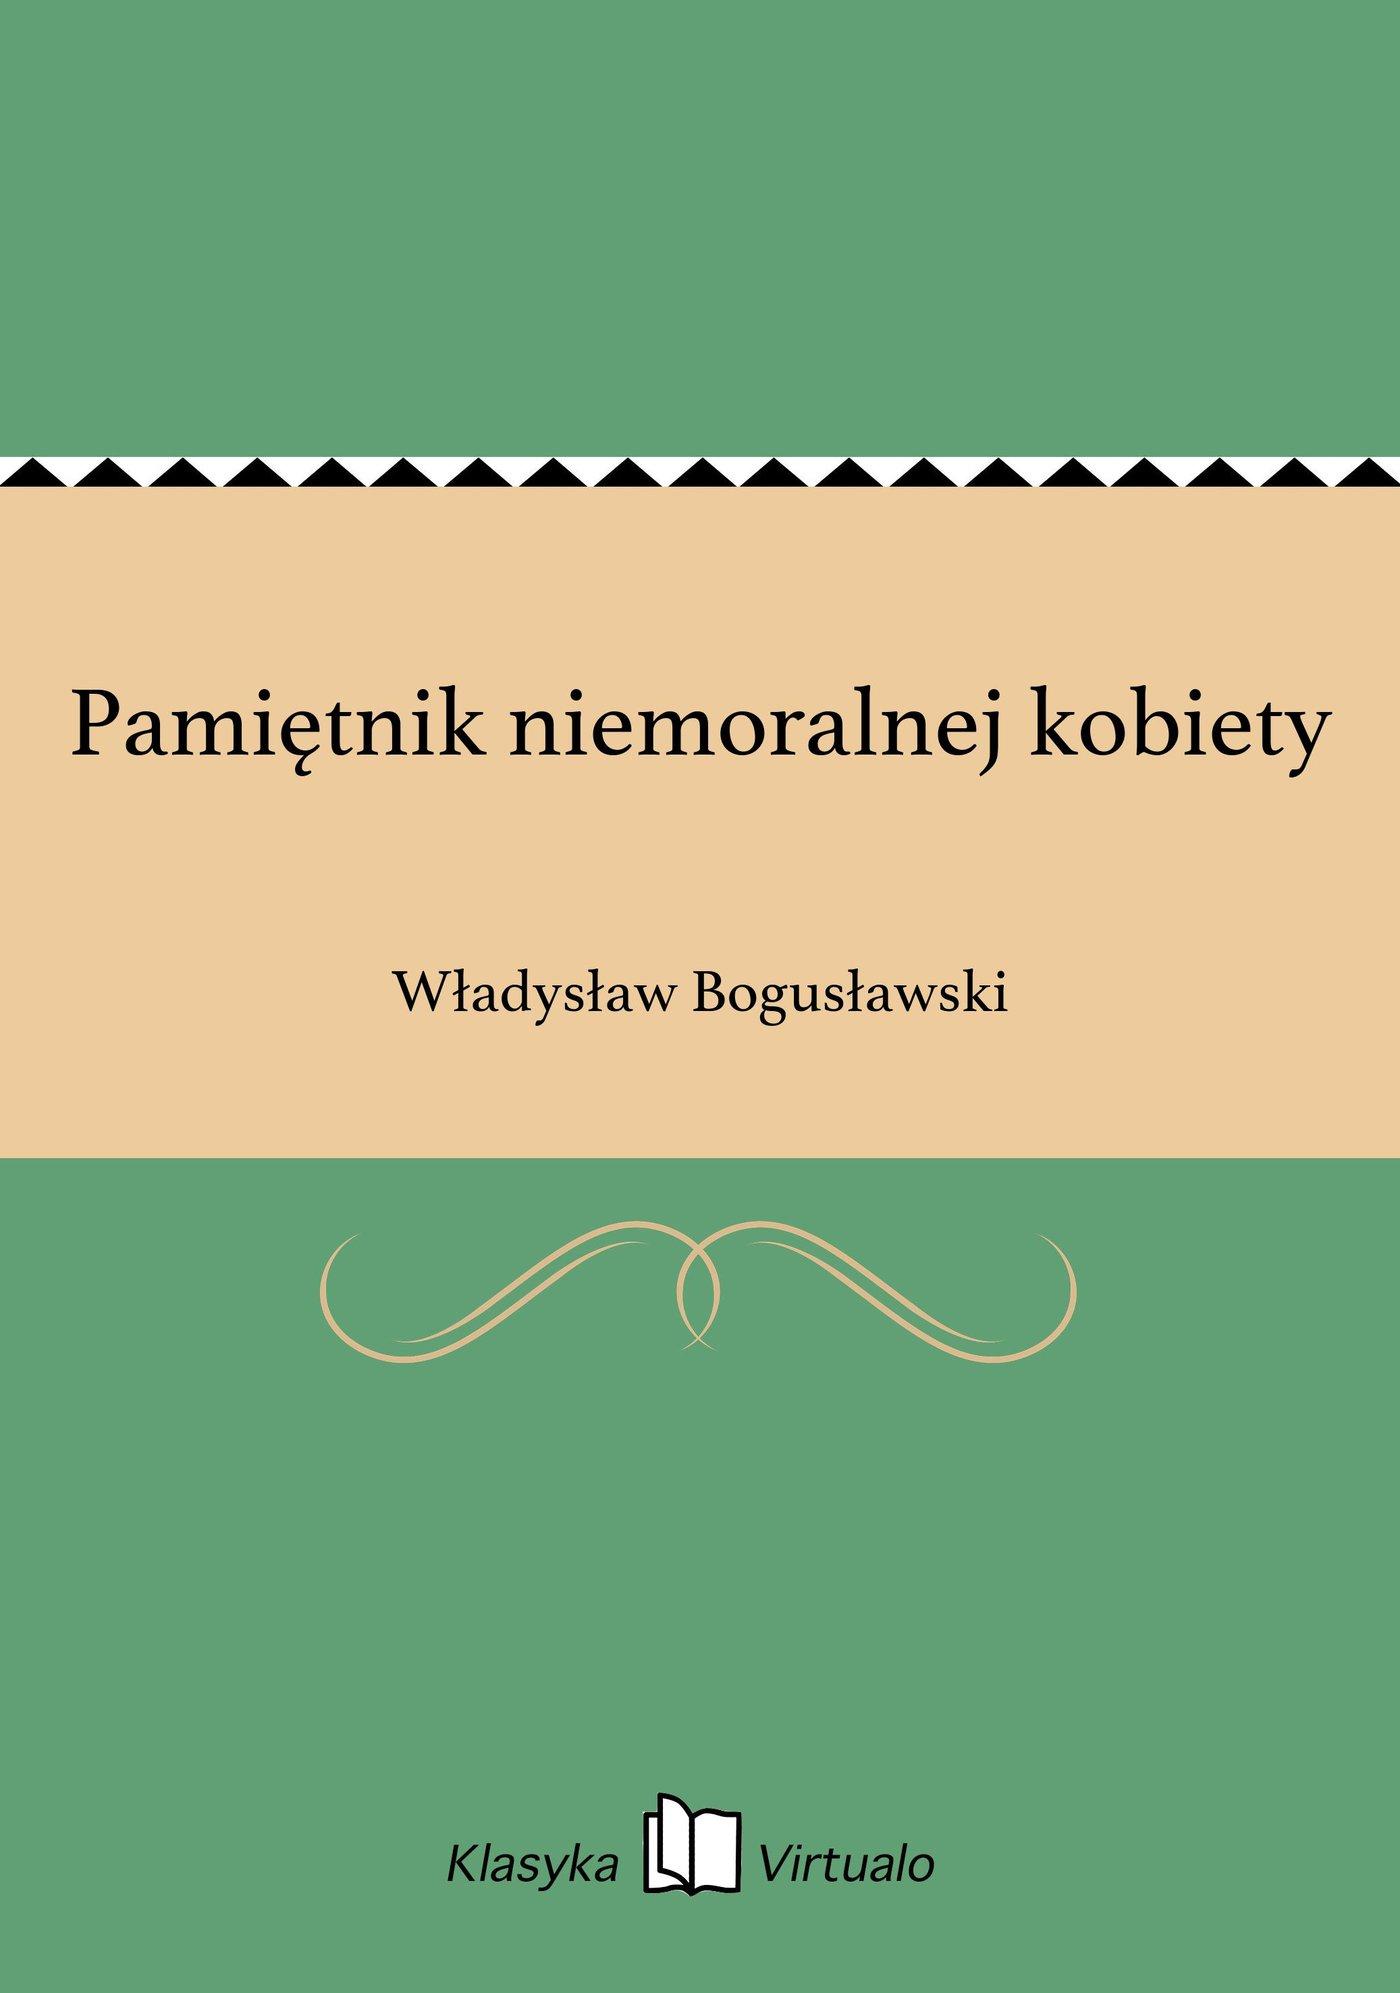 Pamiętnik niemoralnej kobiety - Ebook (Książka EPUB) do pobrania w formacie EPUB